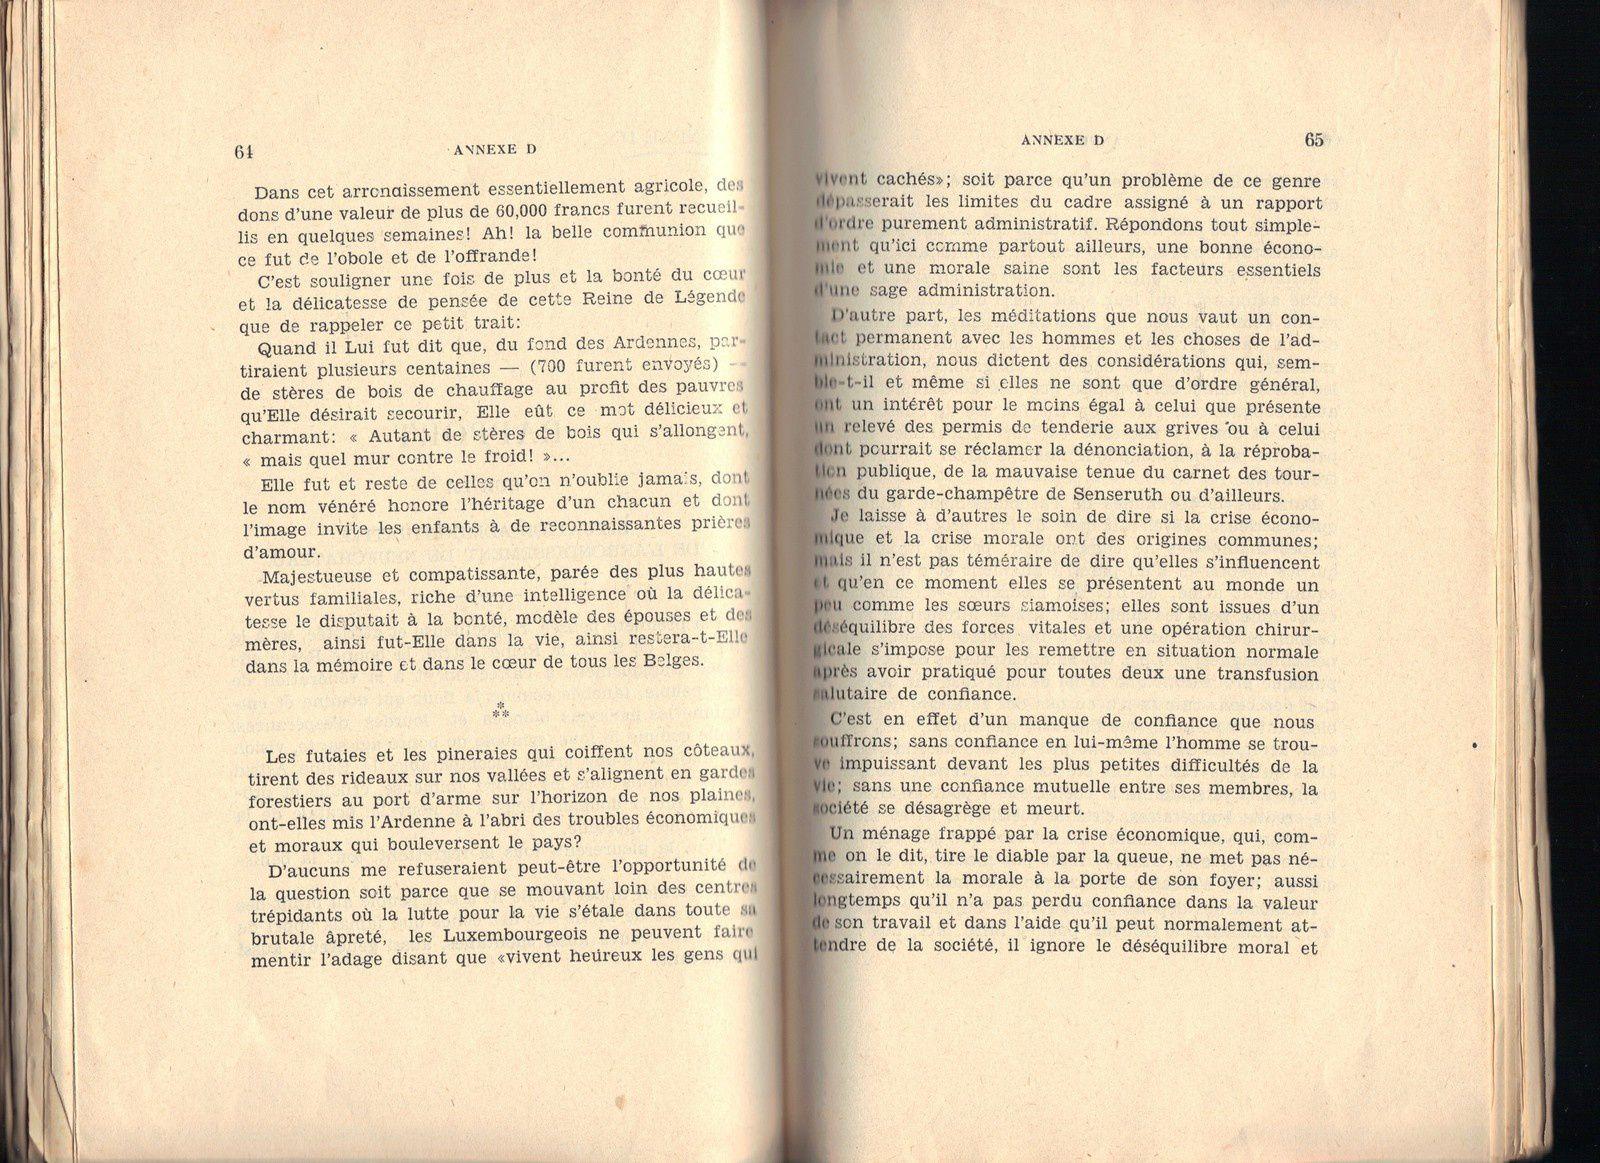 Rapport sur la situation administrative de l'arrondissement de Neufchâteau en 1935